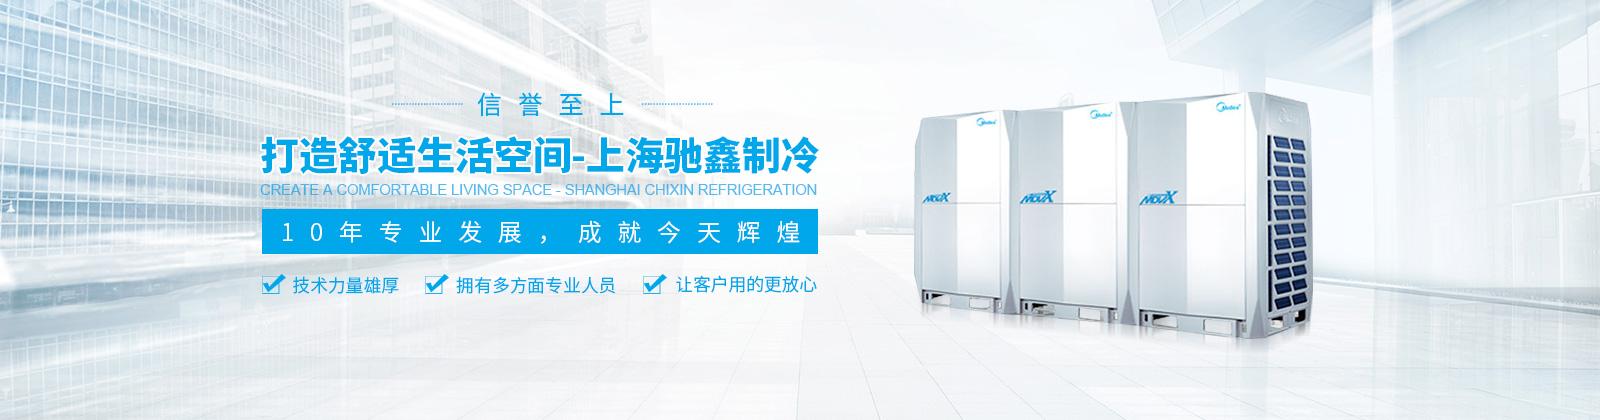 上海驰鑫制冷美的空调